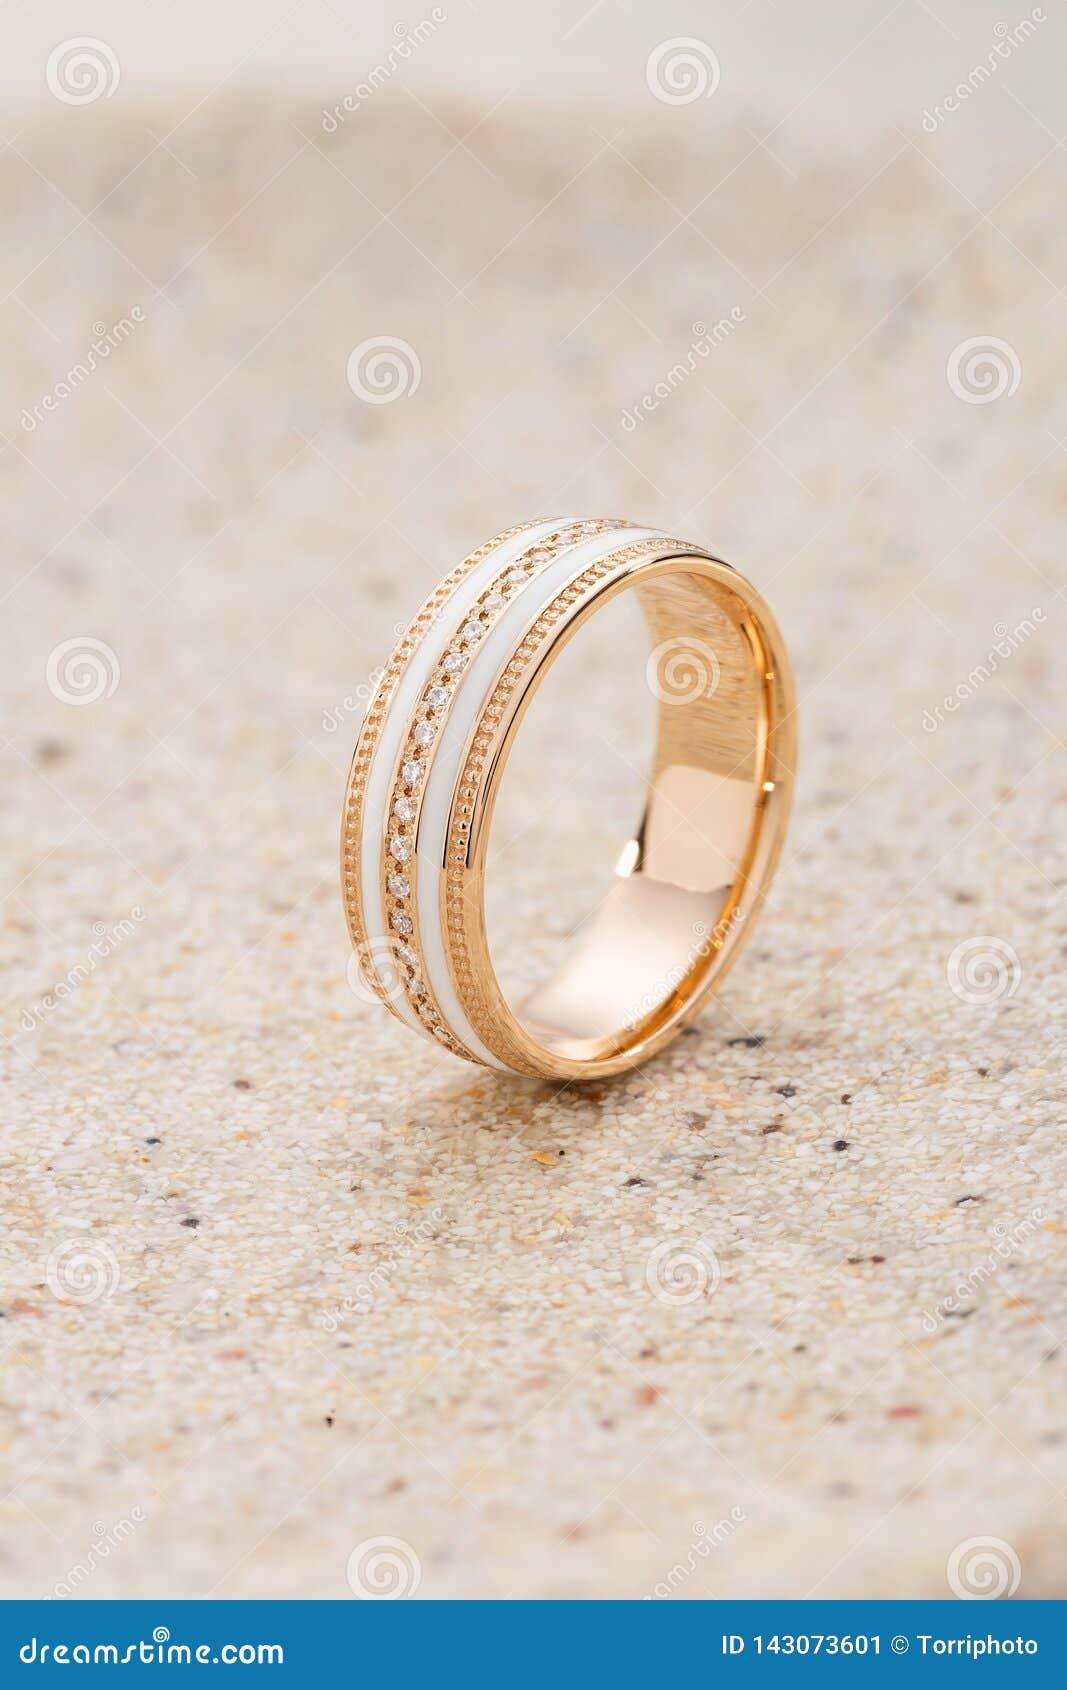 Χρυσό δαχτυλίδι με το άσπρο σμάλτο και διαμάντια στο μπεζ υπόβαθρο άμμου